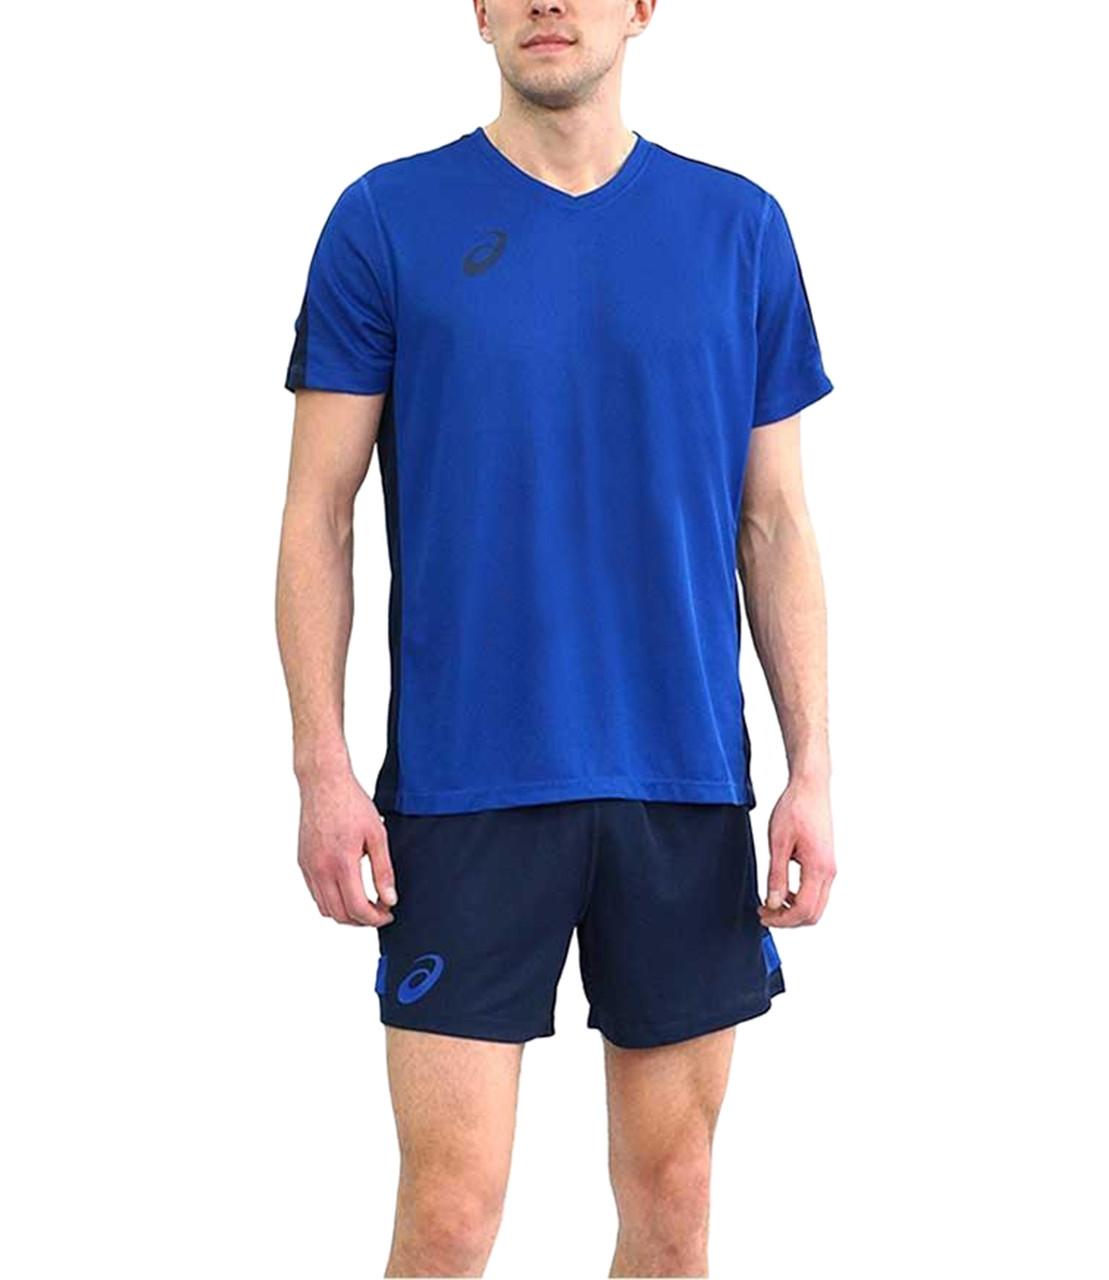 Волейбольная форма Asics Volleyball Set 156850 0805